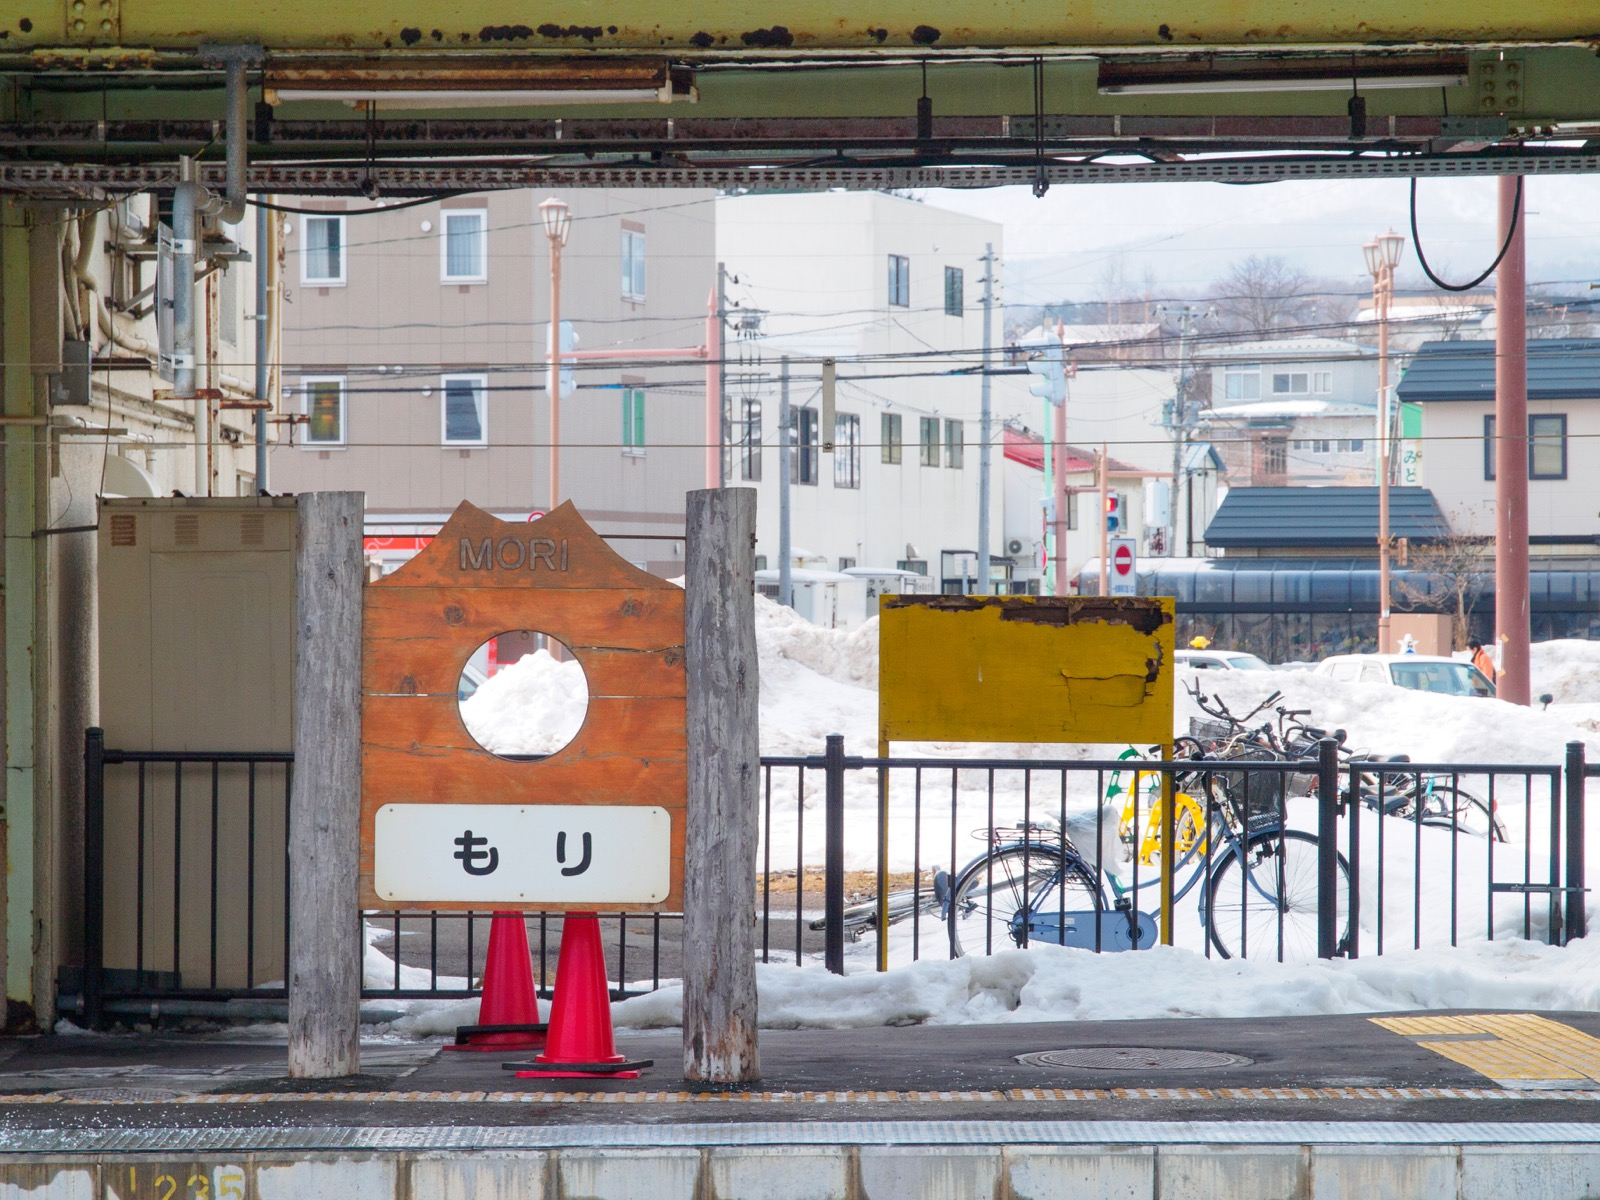 森駅のホームにある、北海道駒ヶ岳を模した顔出し看板